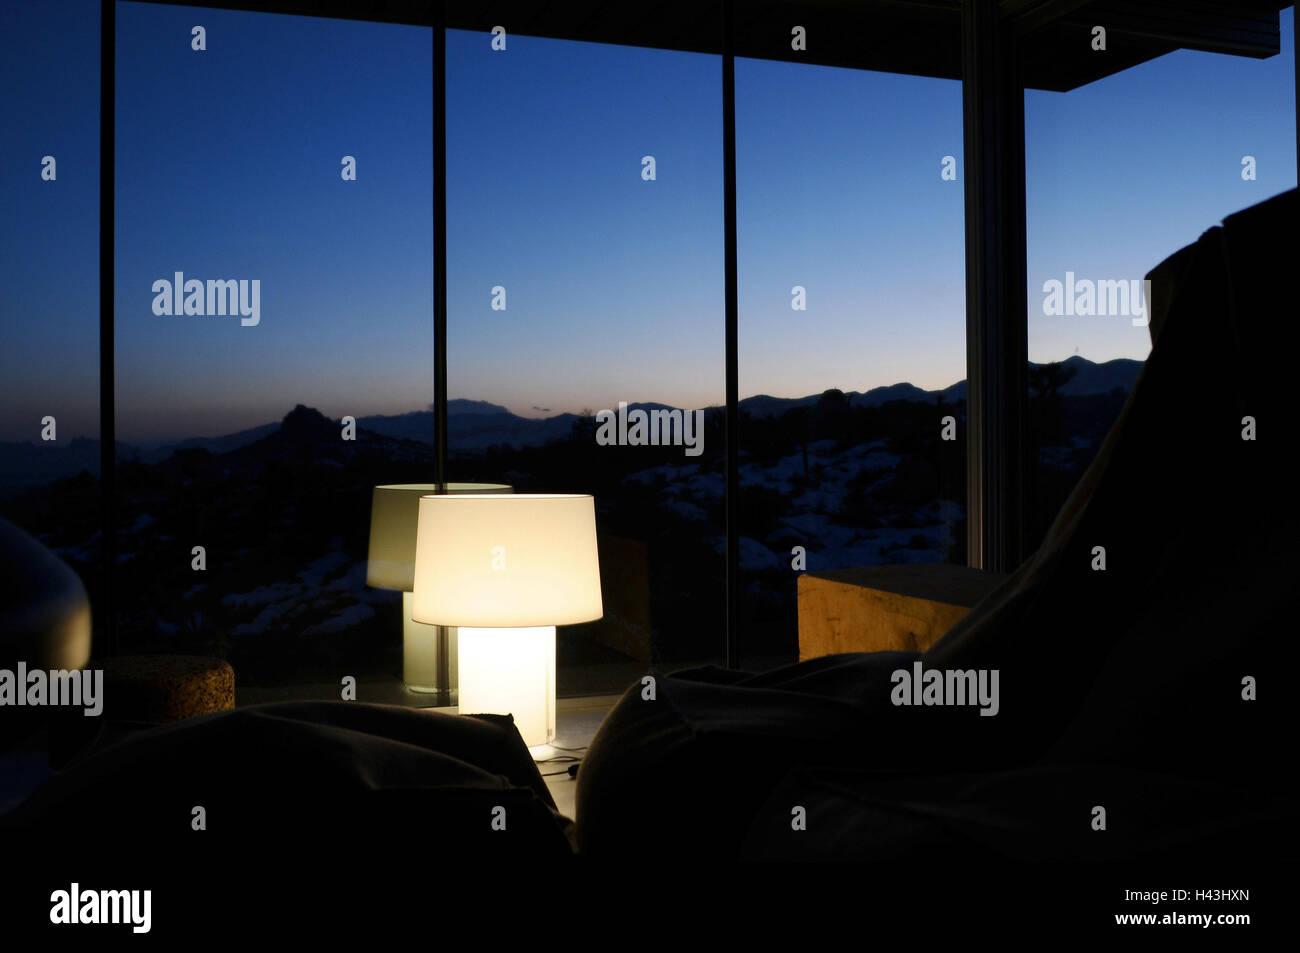 Camere salotto lampada finestra frontale vista montagne sera